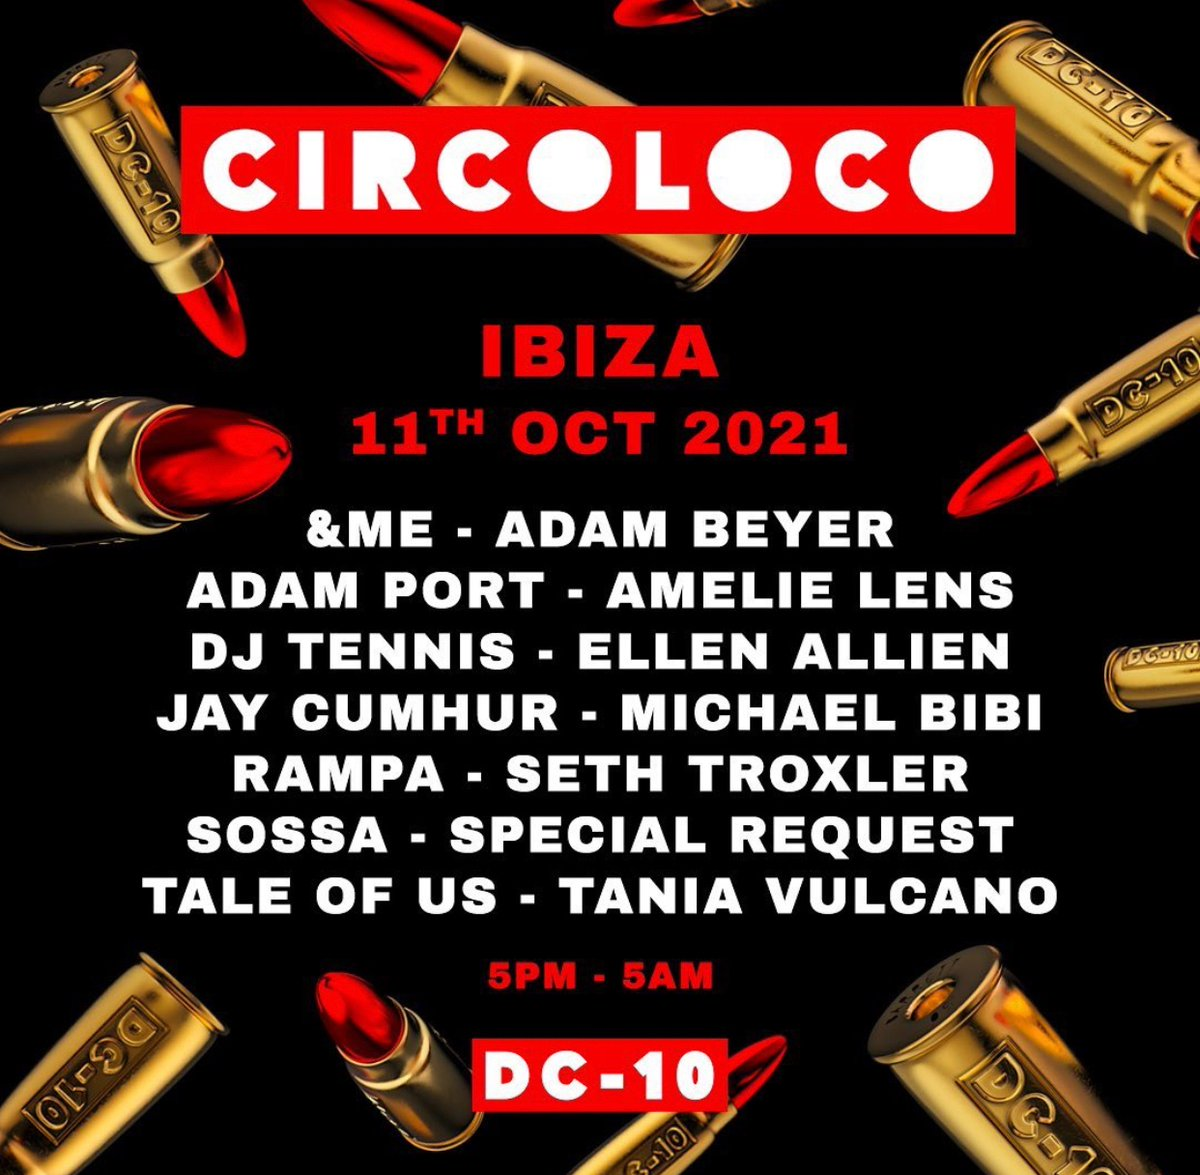 🚀🚀🚀🚀🚀🚀 @circolocoibiza